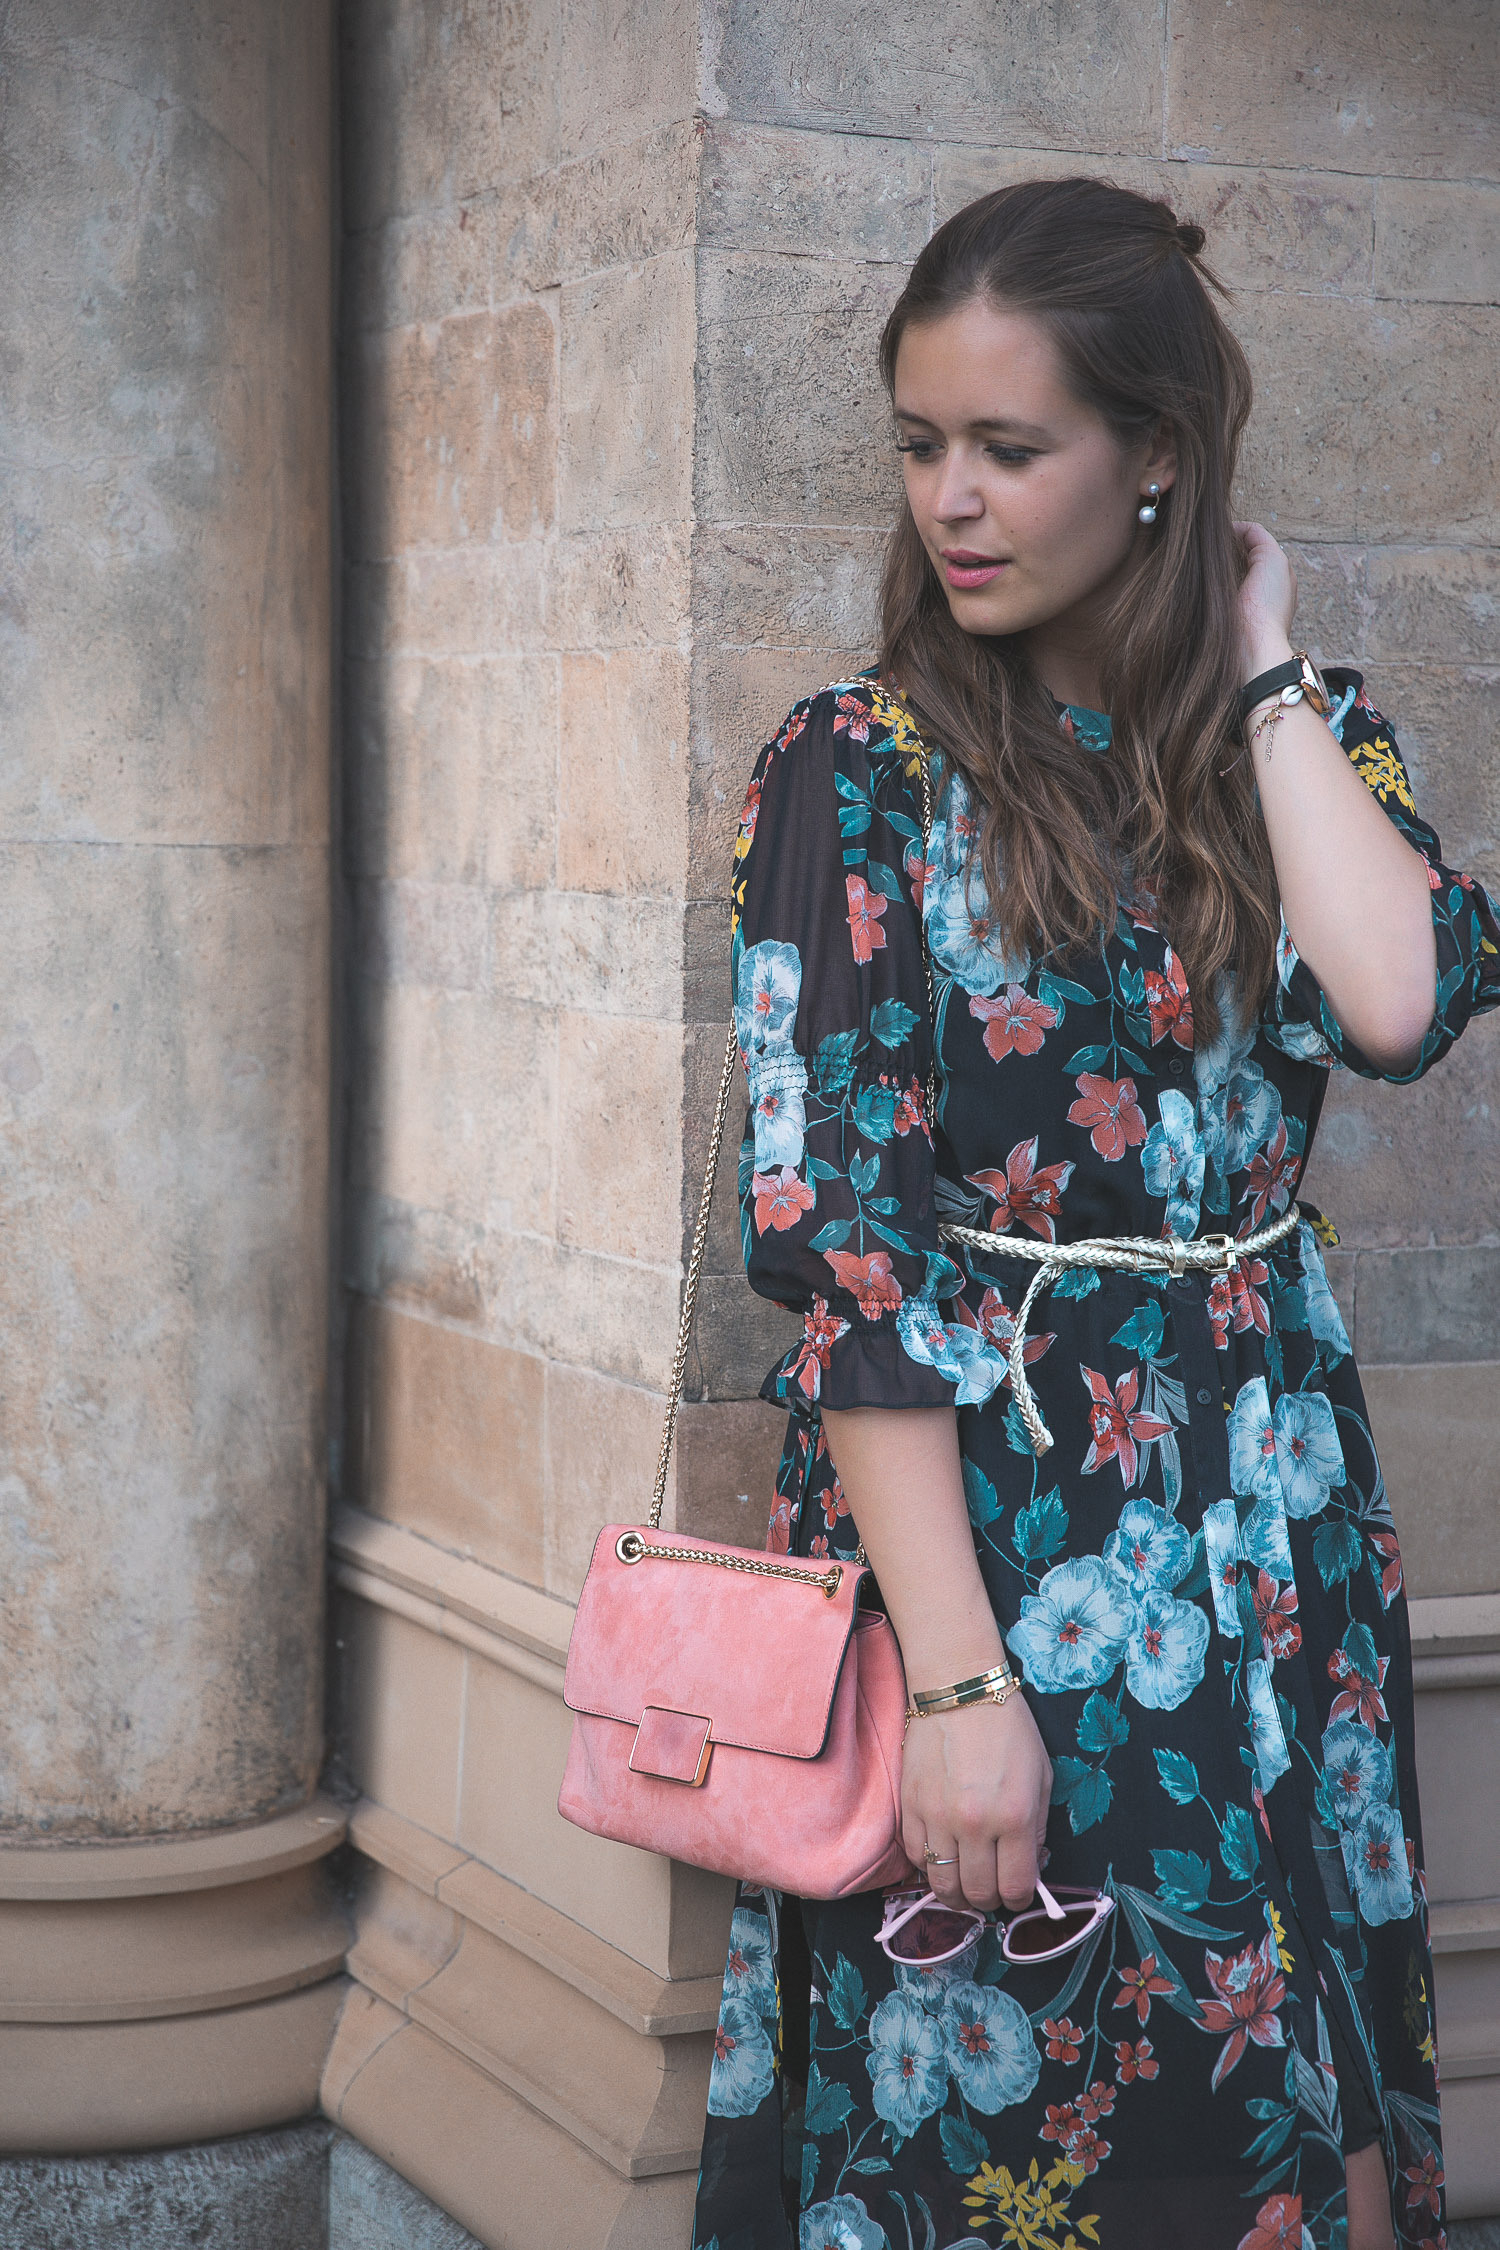 Styling-Tipps Für Hochzeitsgäste: Das Hemdblusenkleid